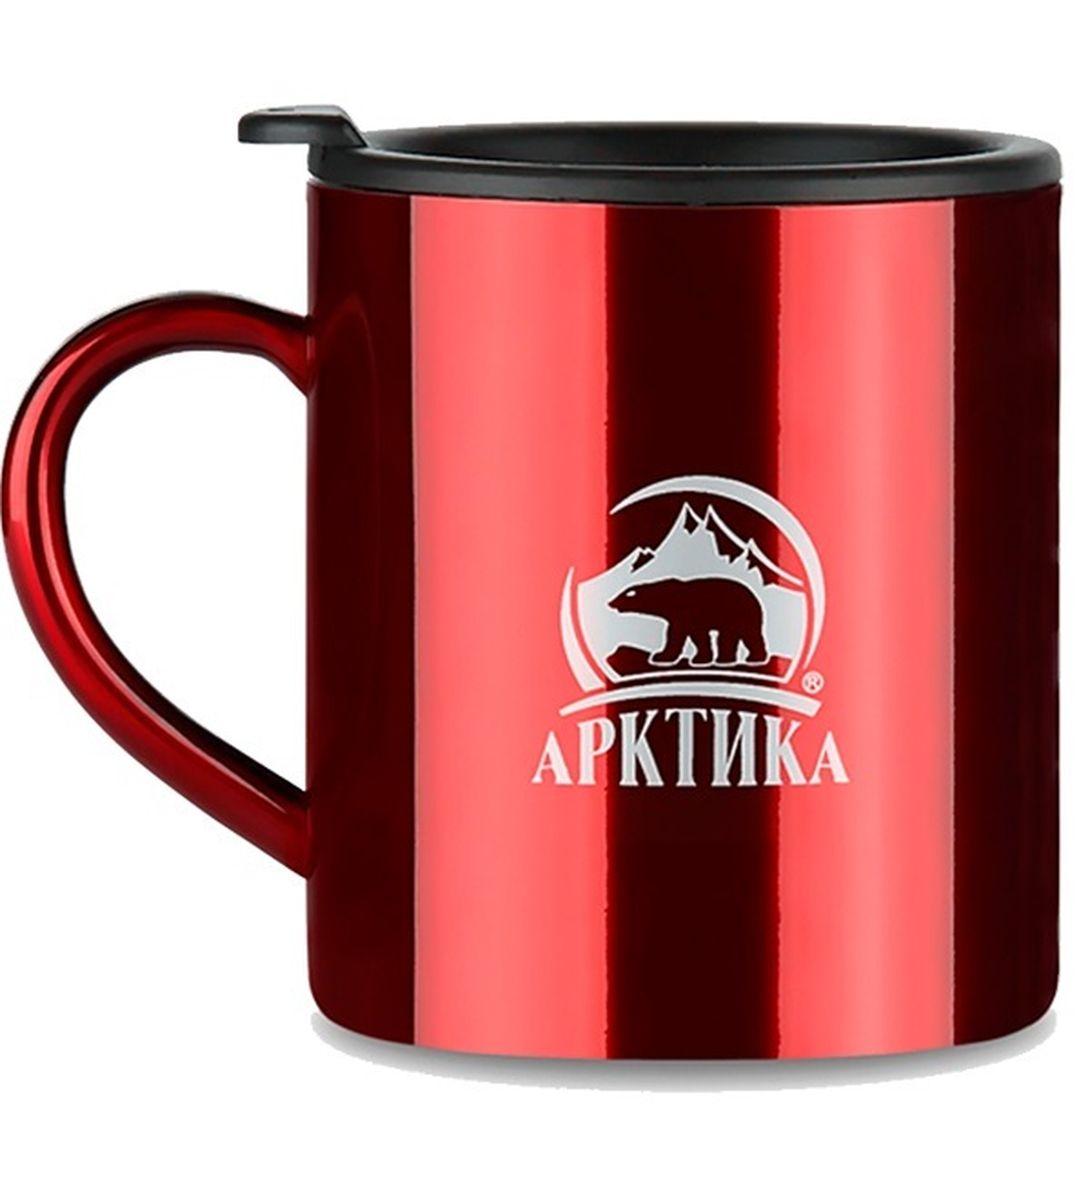 Термокружка Арктика, цвет: красный, 0,45 л802-450 краснаяТермокружка Арктика – универсальна, она одинаково хороша и при использовании дома, если Вы любите растягивать удовольствие от напитка и Вам не нравится, что он так быстро остывает, и на даче, где такая посуда особенно впору в силу своей прочности, долговечности и практичности – ею приятно пользоваться, ведь она не обжигает руки, ее легко мыть, можно не бояться уронить термокружку Арктика, нержавеющая сталь равнодушно выдержит любые удары судьбы. Крышка с отверстием, поставляемая в комплекте плотно фиксируется на термокружке. Помимо той очевидной выгоды, что напиток не будет разливаться, Вы можете быть уверены, что в жаркий летний день любопытные насекомые не смогут позариться на содержимоетермокружки. Русская компания Арктика выпускает термопосуду для российского рынка – Вы не платите за растаможку товара и огромные транспортные наценки, поэтому цена натермокружки Арктика более чем адекватна, что не может не радовать